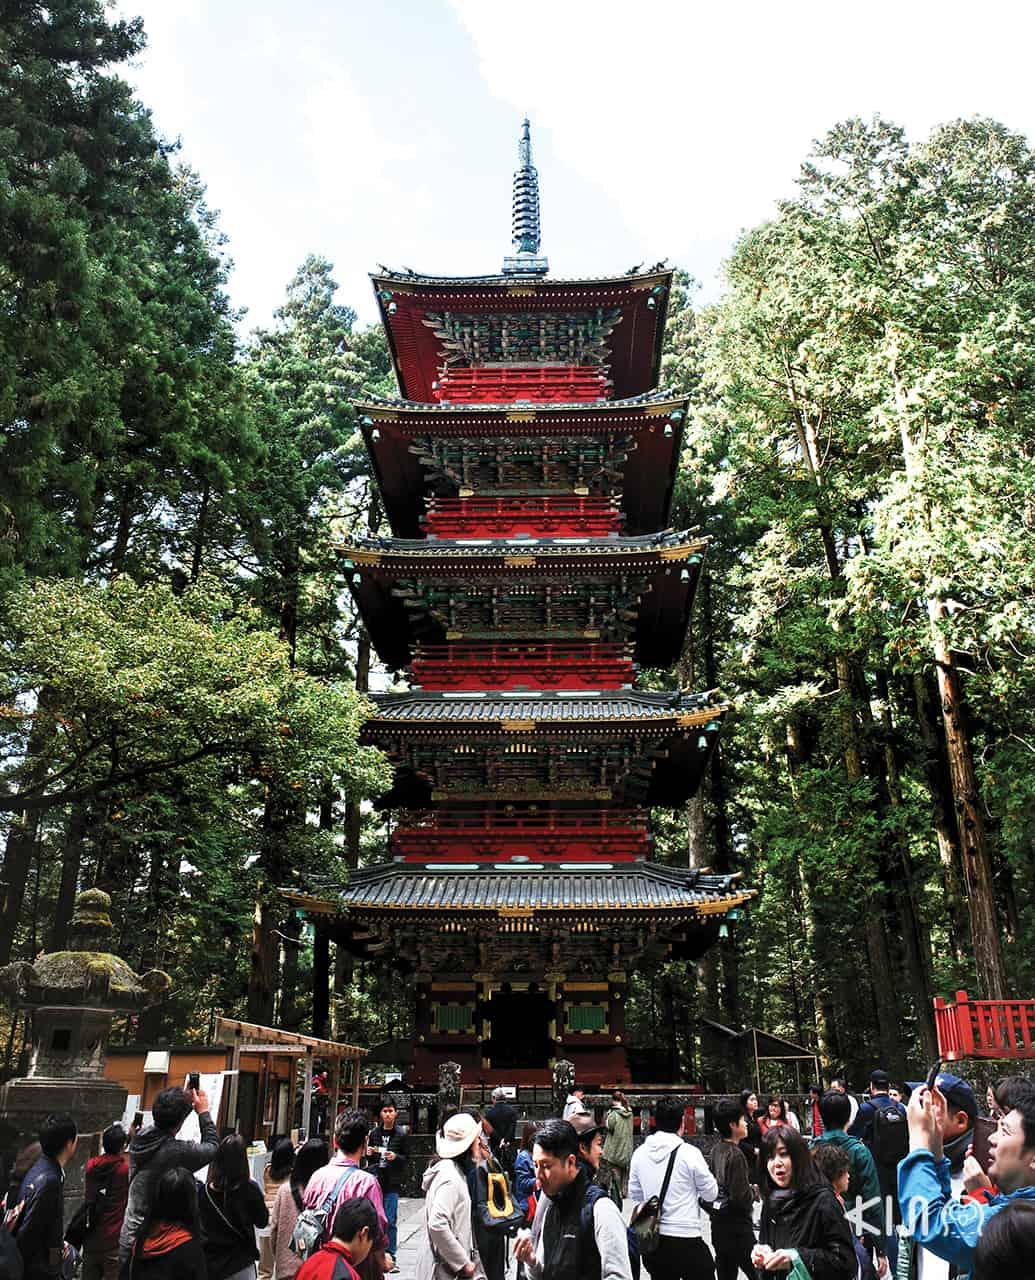 เจดีย์แดง 5 ชั้น (Five-Storied Pagoda) ที่ นิกโก้